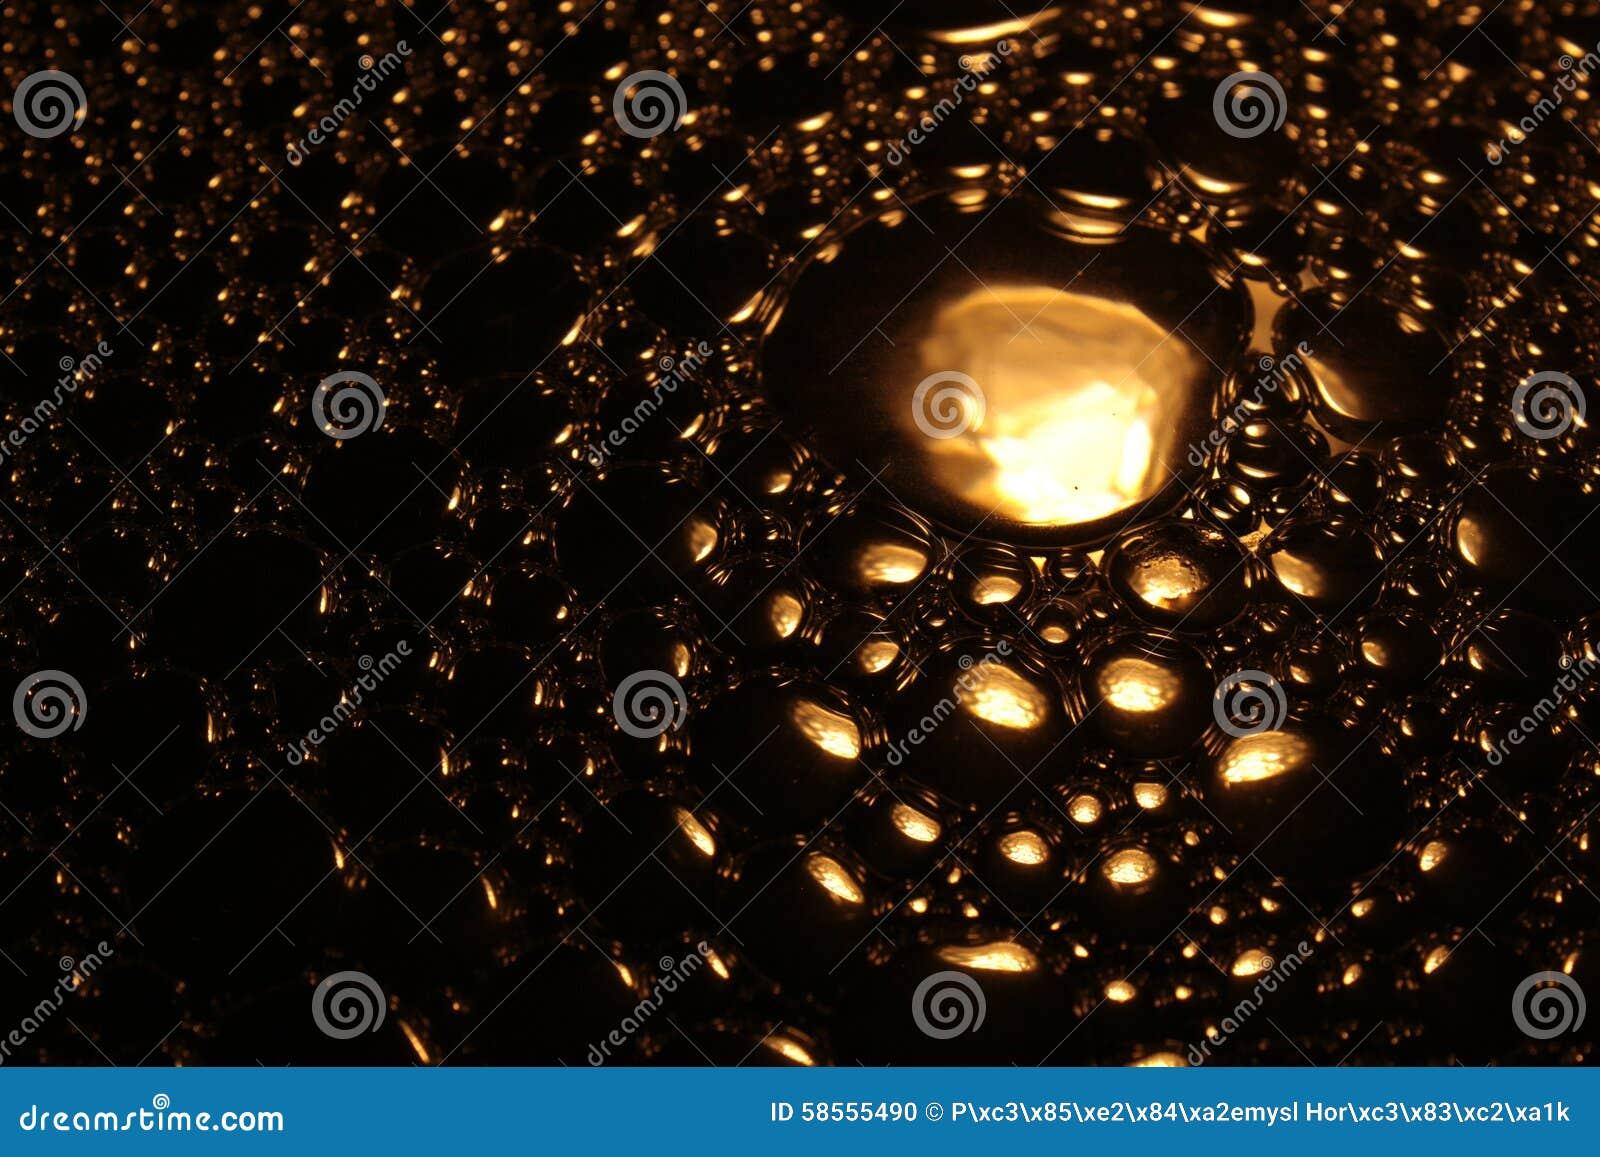 Gold farbige Wasserblase